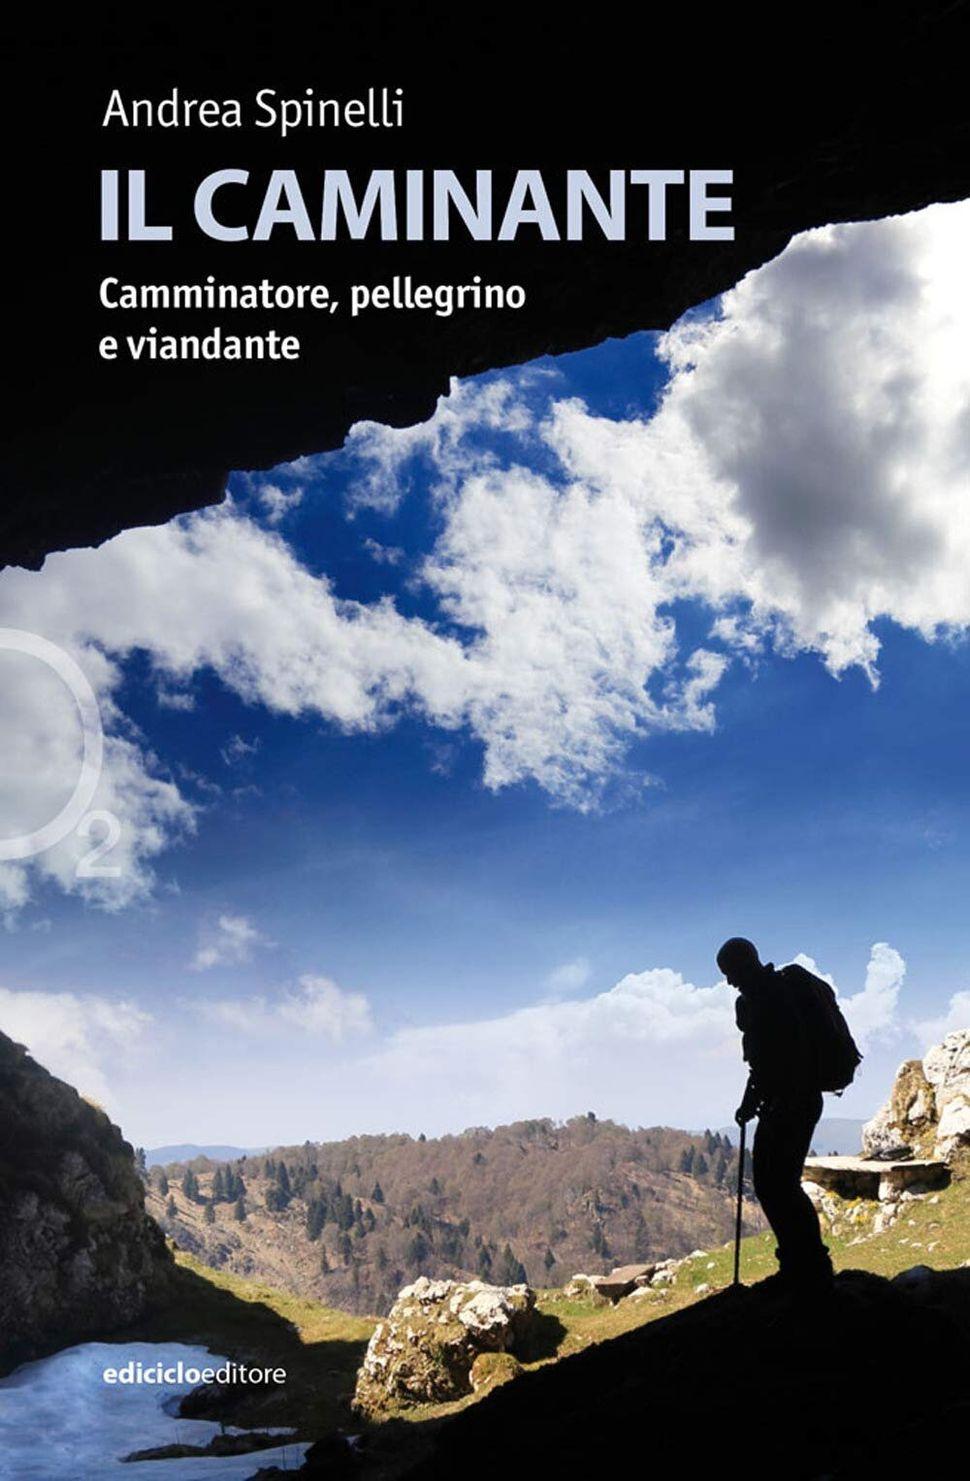 Il Caminante, Andrea Spinelli